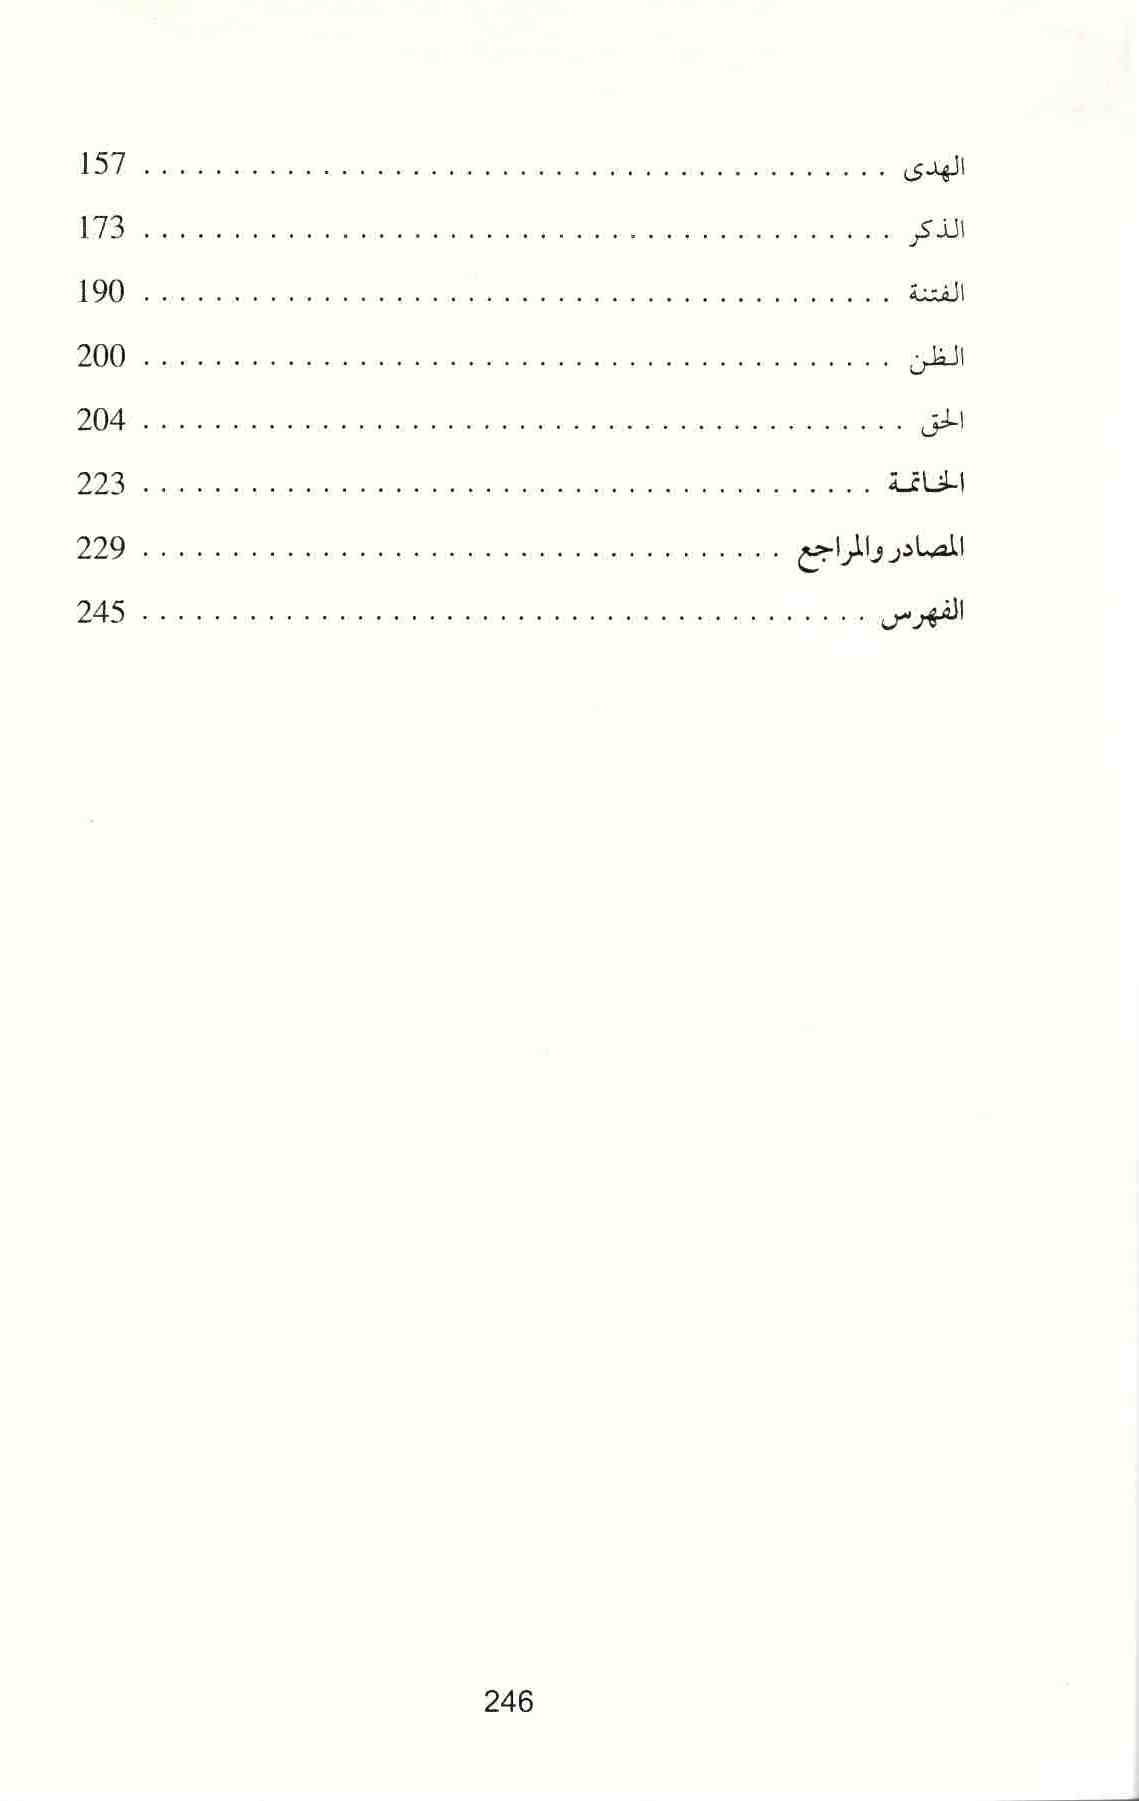 ص 246 محتويات كتاب التناص القرآني